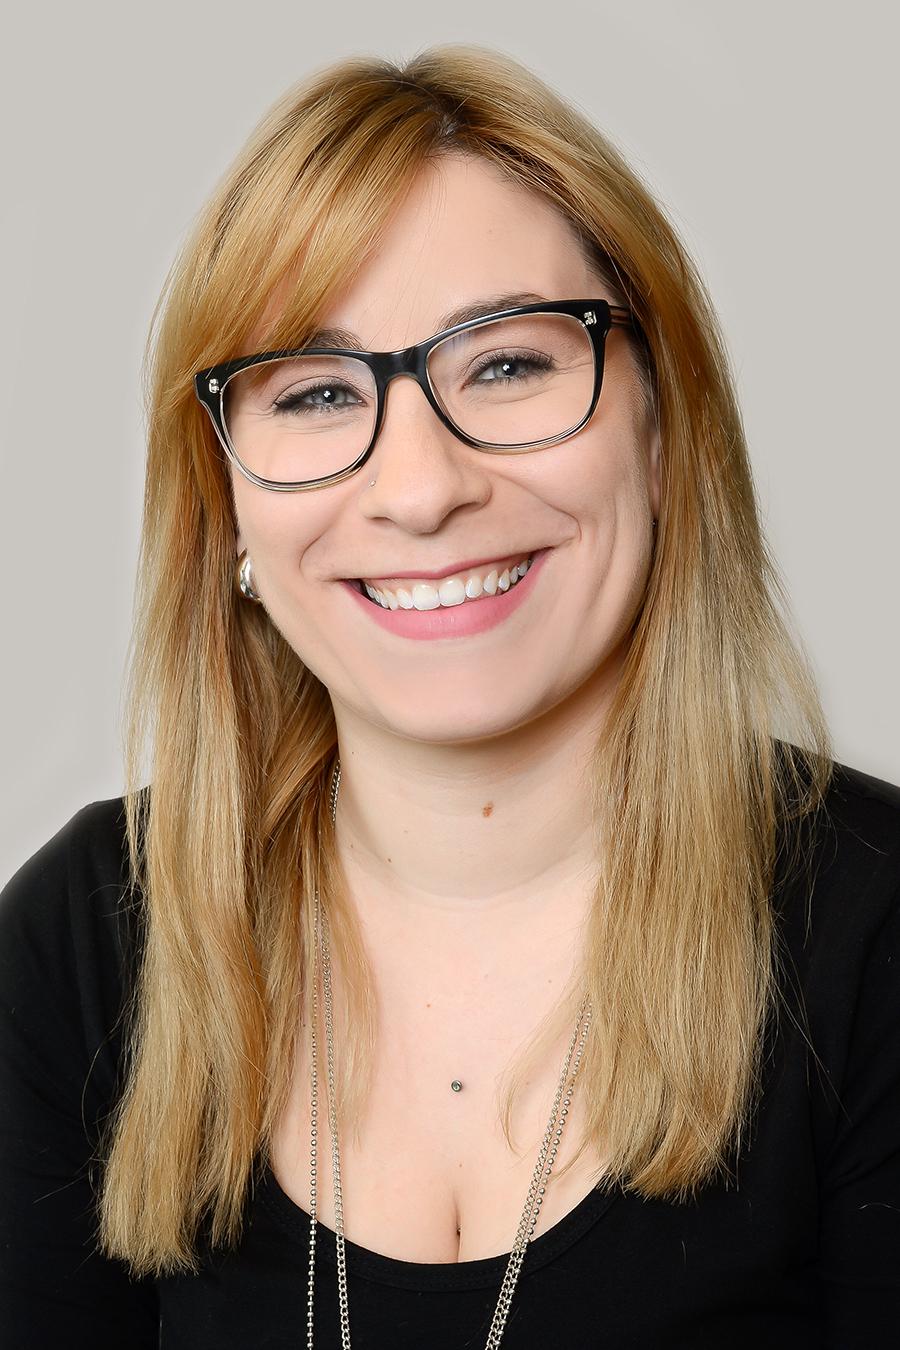 Flavia Cortese